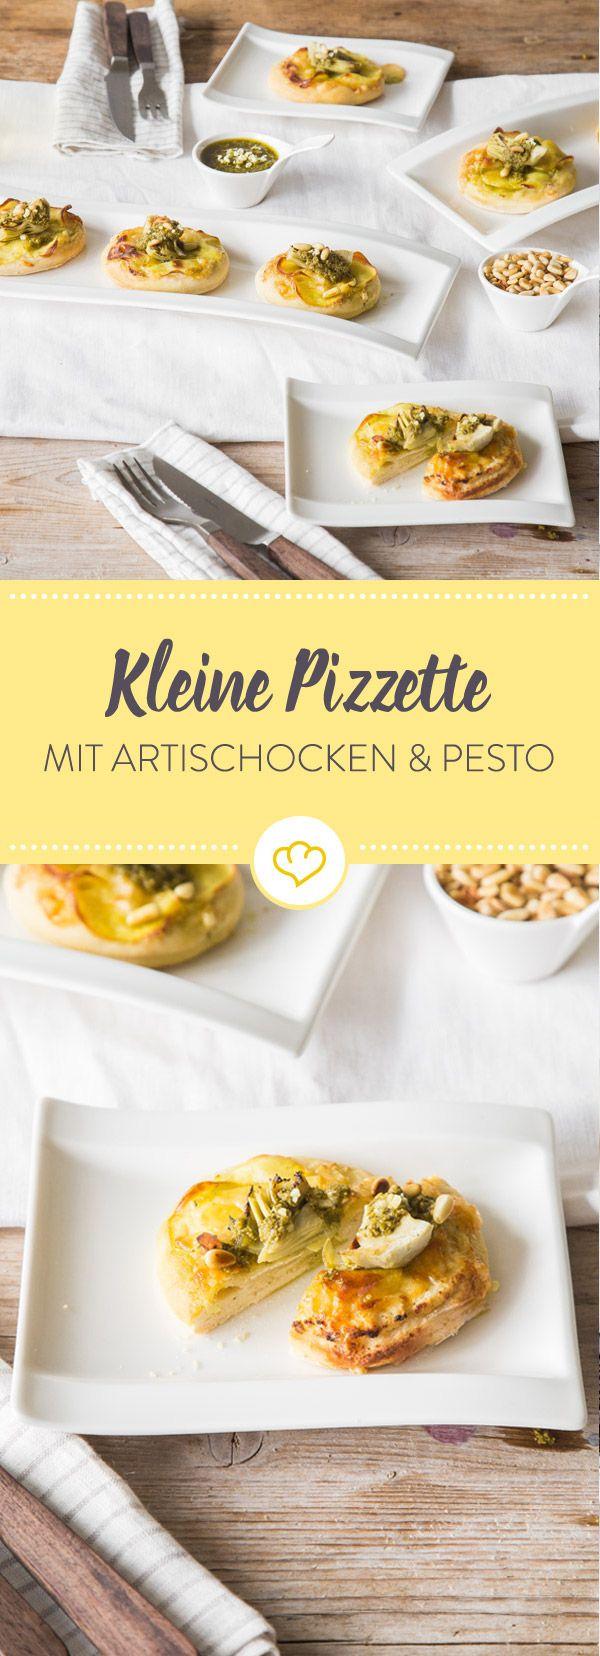 Krosser Teig als Basis, schmelzenden Bergkäse und zarte Artischockenherzen on top und deine krossen Pizzette sind in aller Munde.